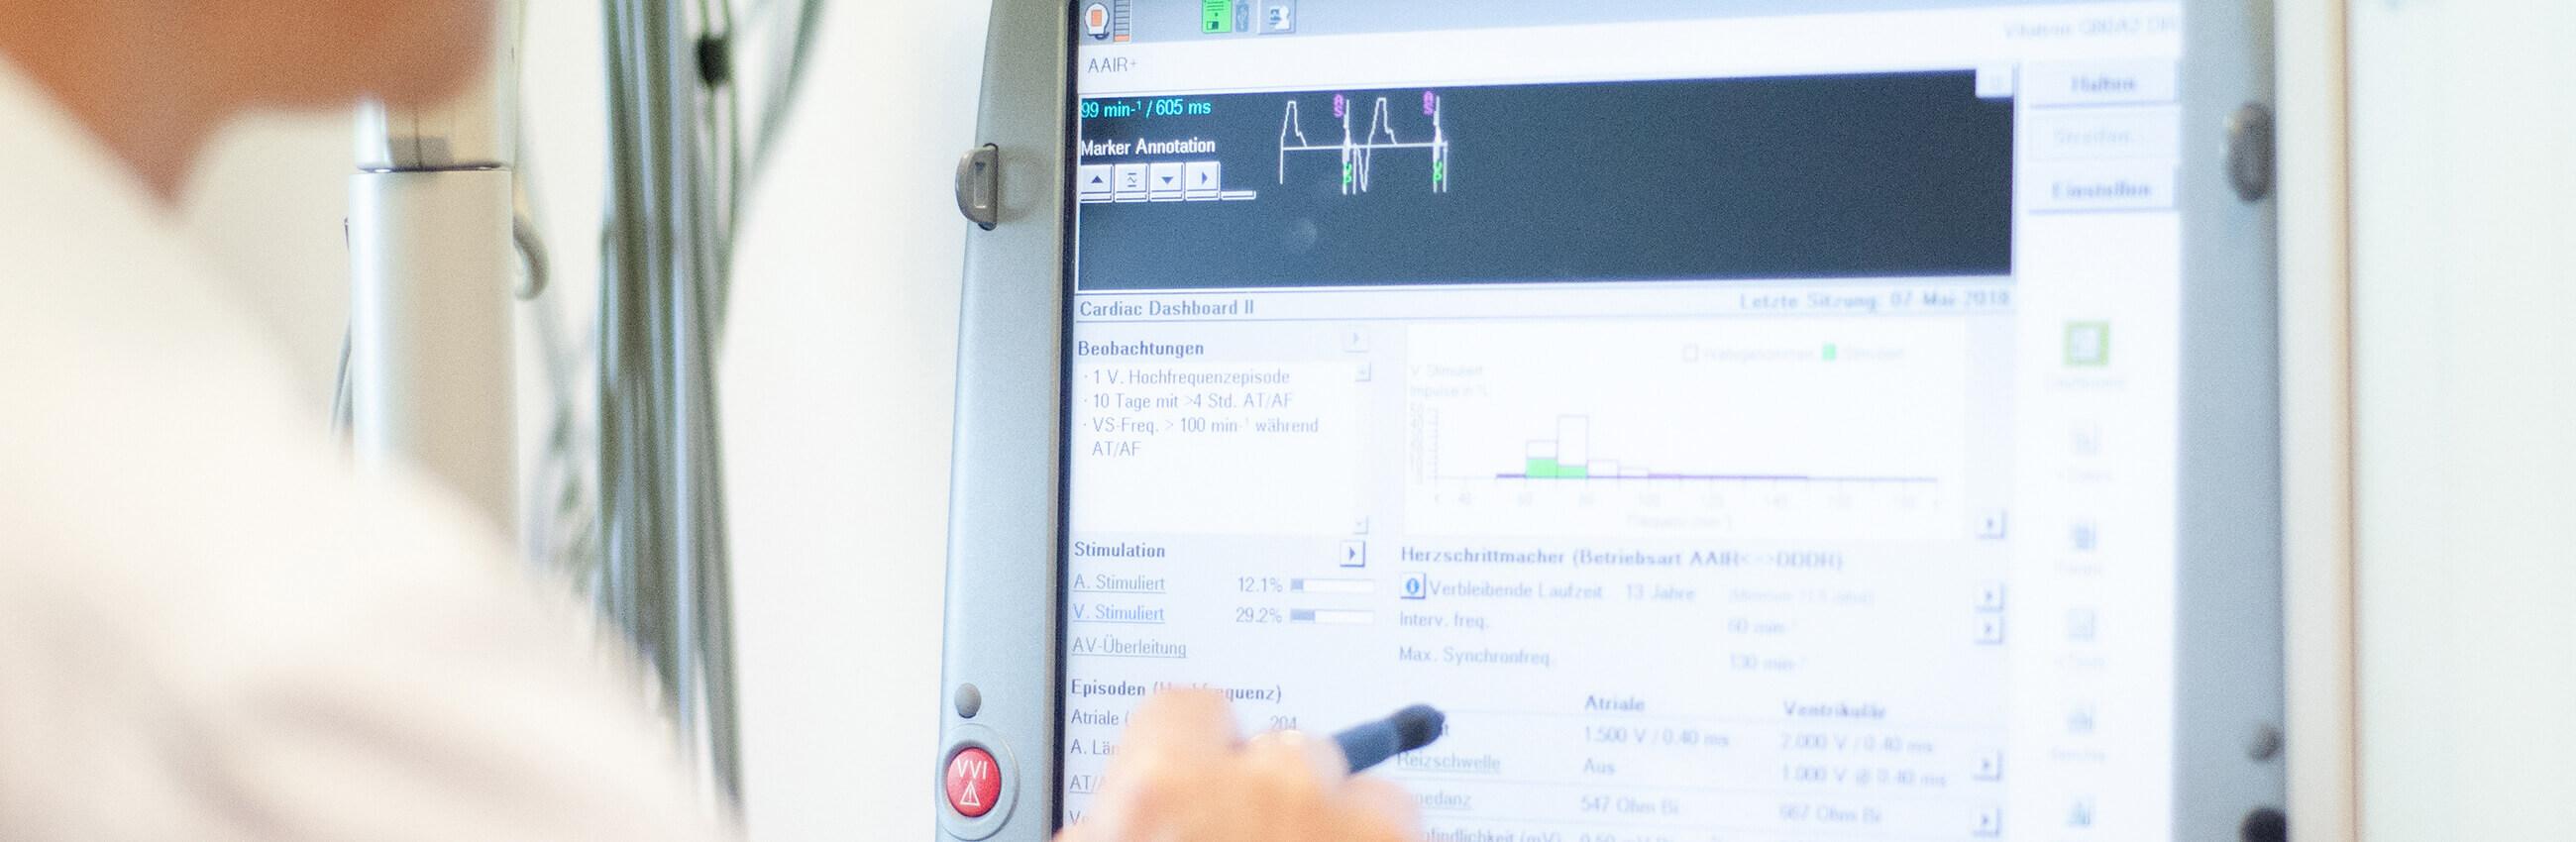 Digitale Überwachung herzkranker Patienten durch Telemedizin